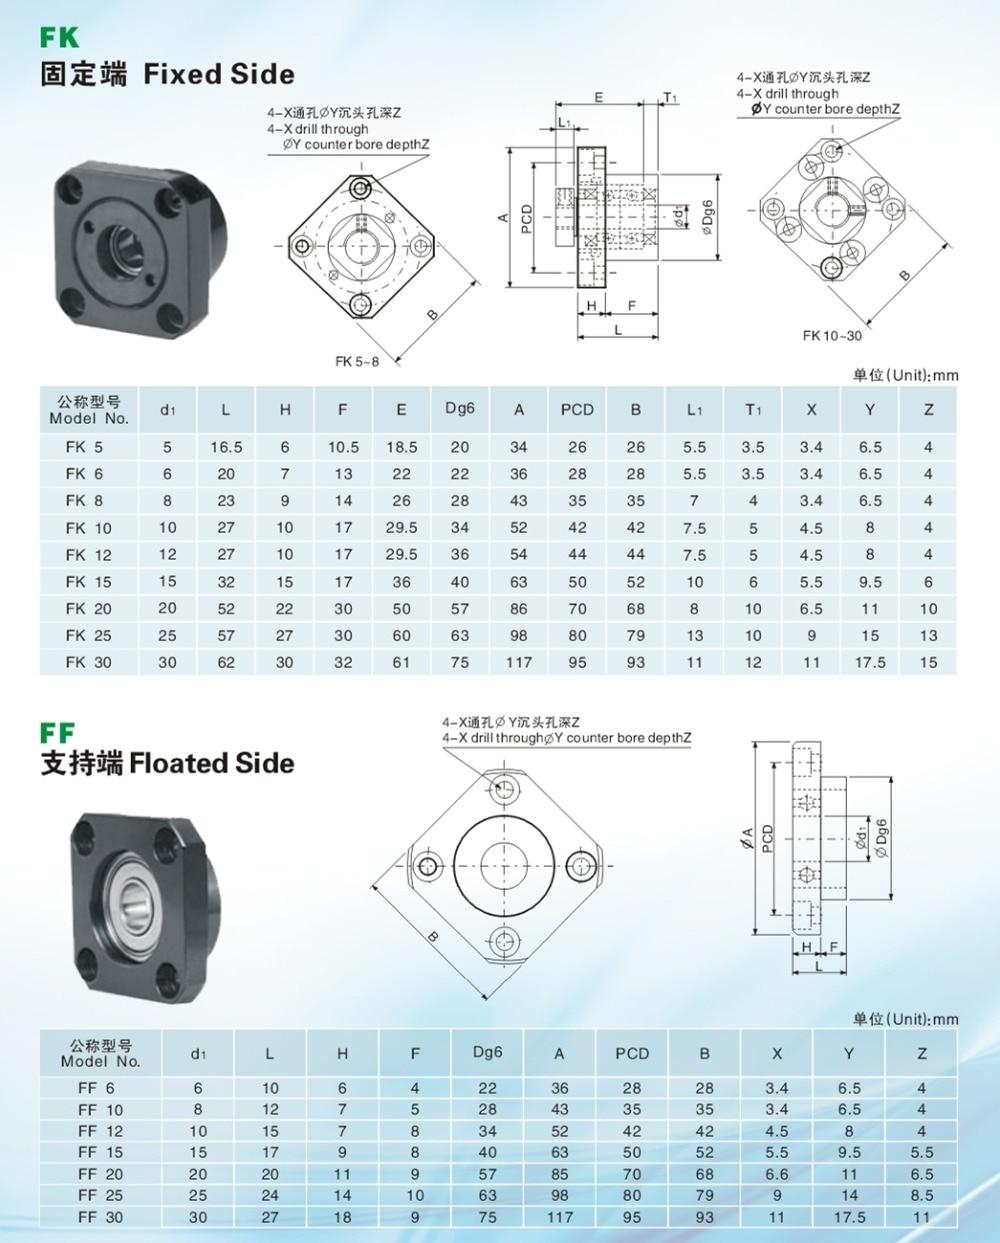 Шарикового винта Поддержка блок серии BK10 BF10 BK12 BF12 BK15 BF15 BK20 BF20 FK10 FF10 FK12 FF12 FK15 FF15 EK10 EF10 EK12 EF12